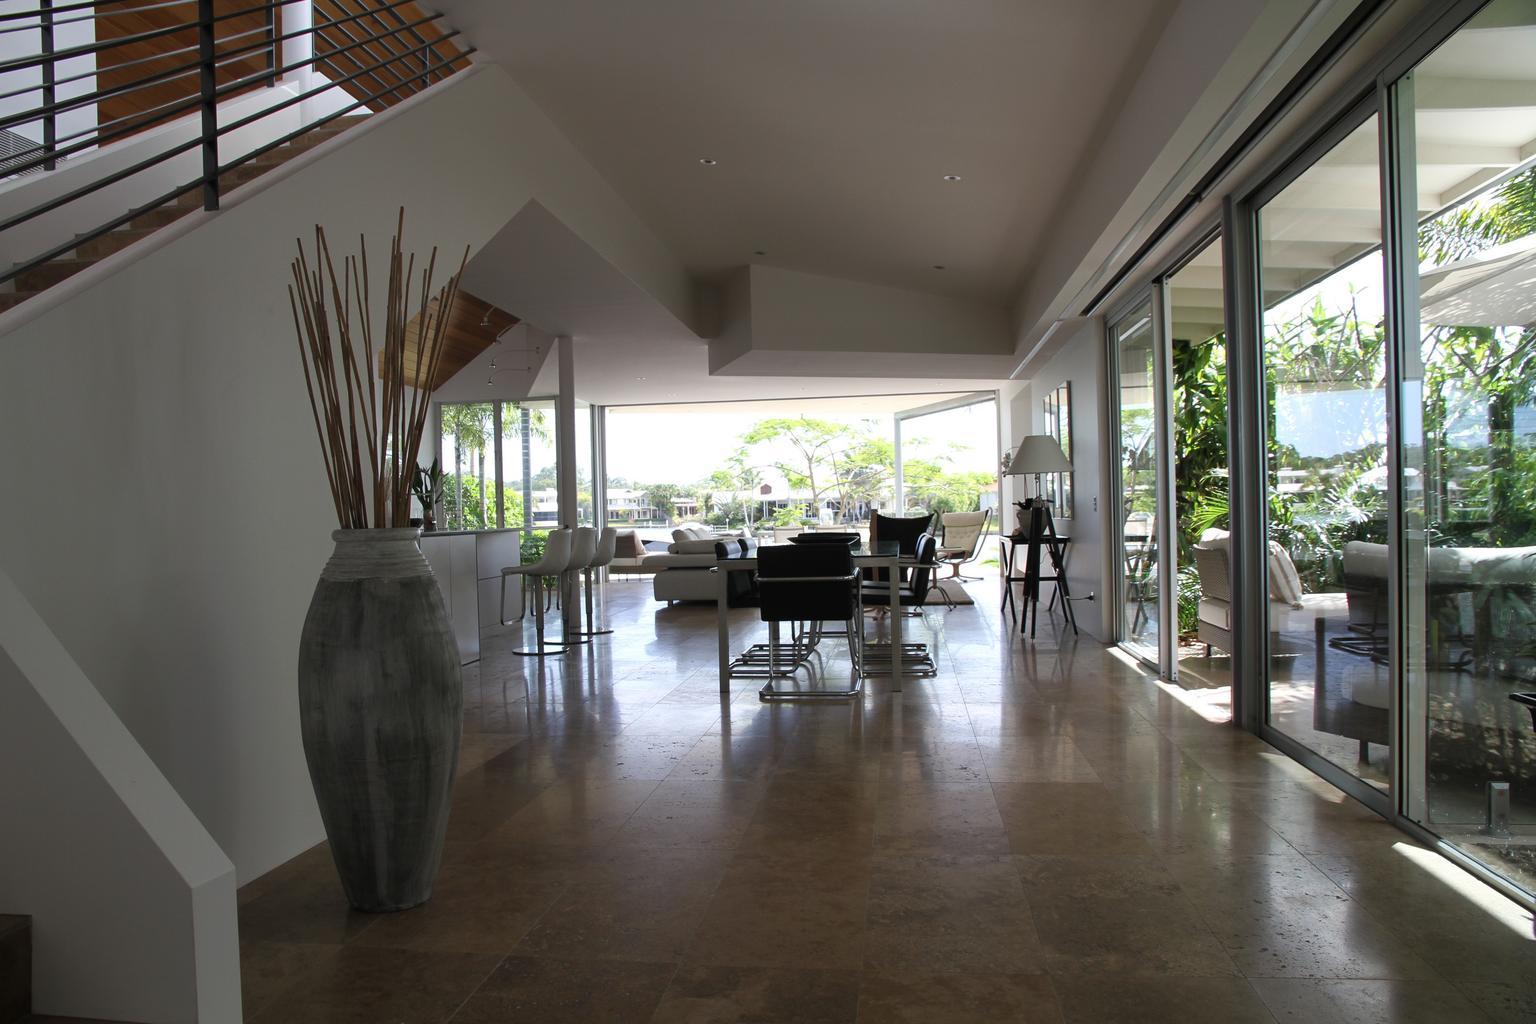 sklenené dvere, podlaha, interiér